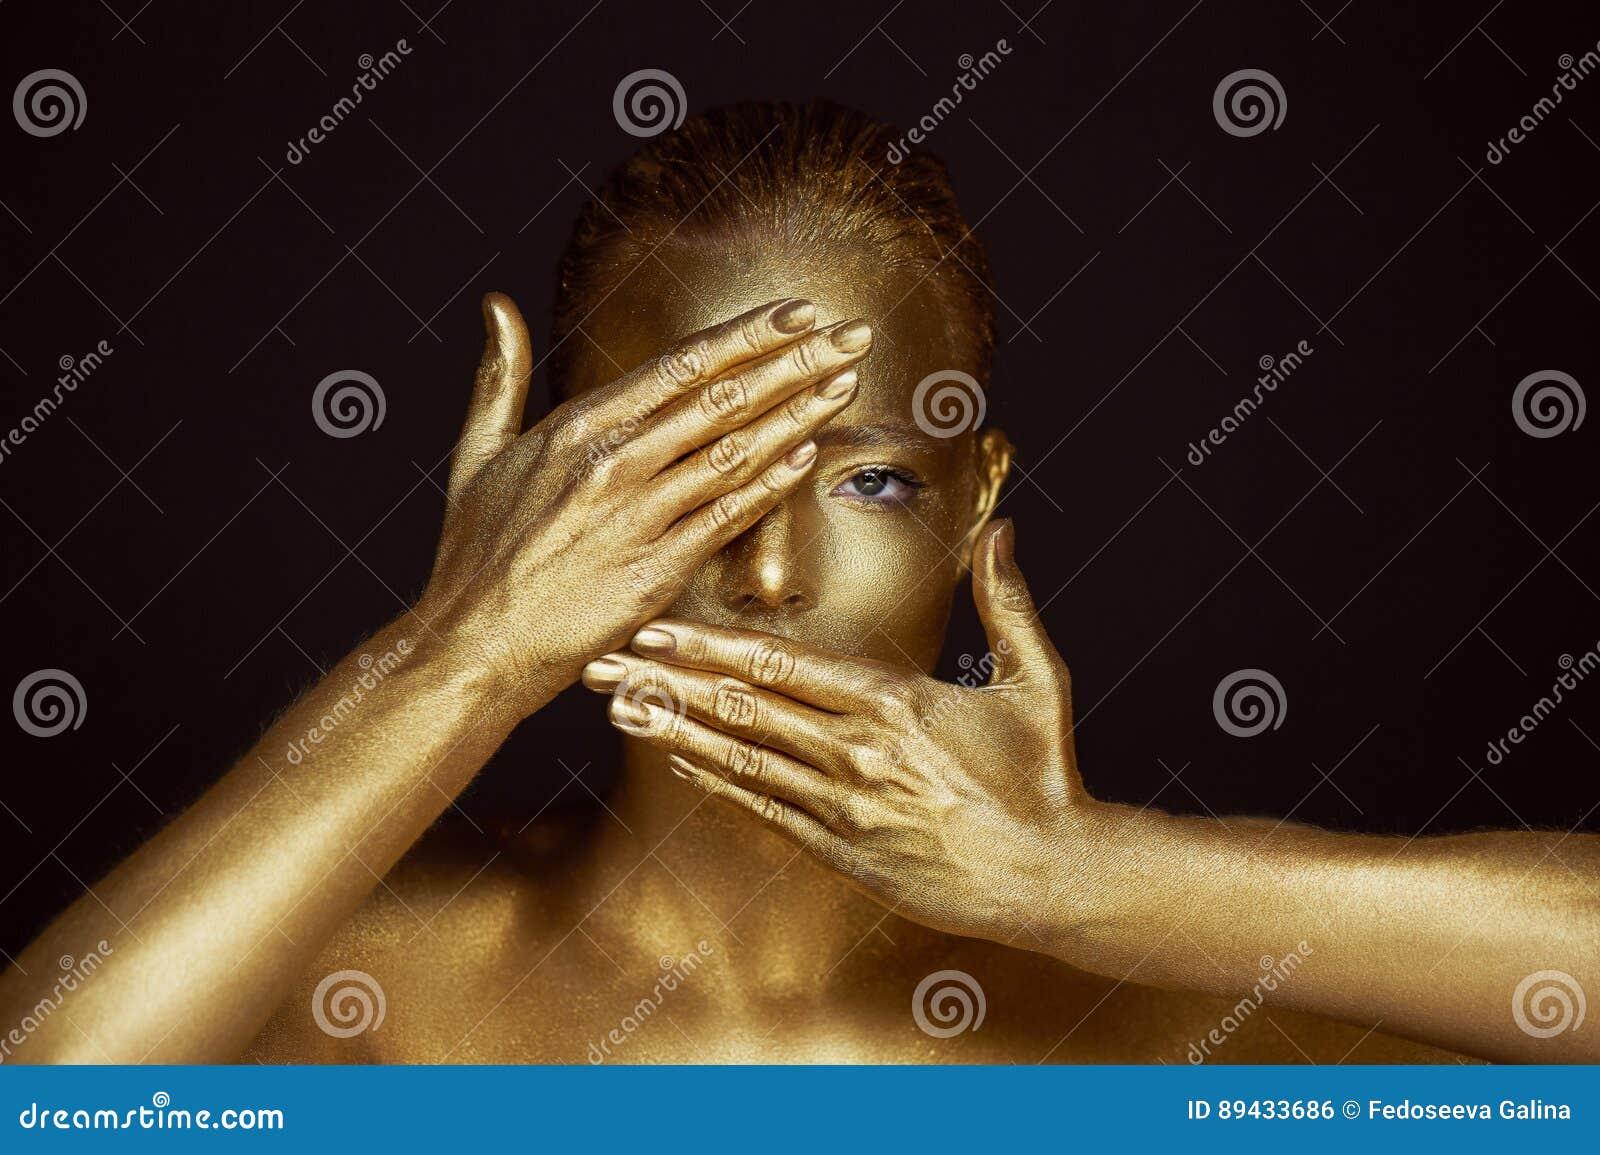 Απόκοσμα χρυσά κορίτσια πορτρέτου, χέρια κοντά στο πρόσωπο Πολύ λεπτός και θηλυκός Τα μάτια είναι ανοικτά η κλίση πλαισίων δίνει